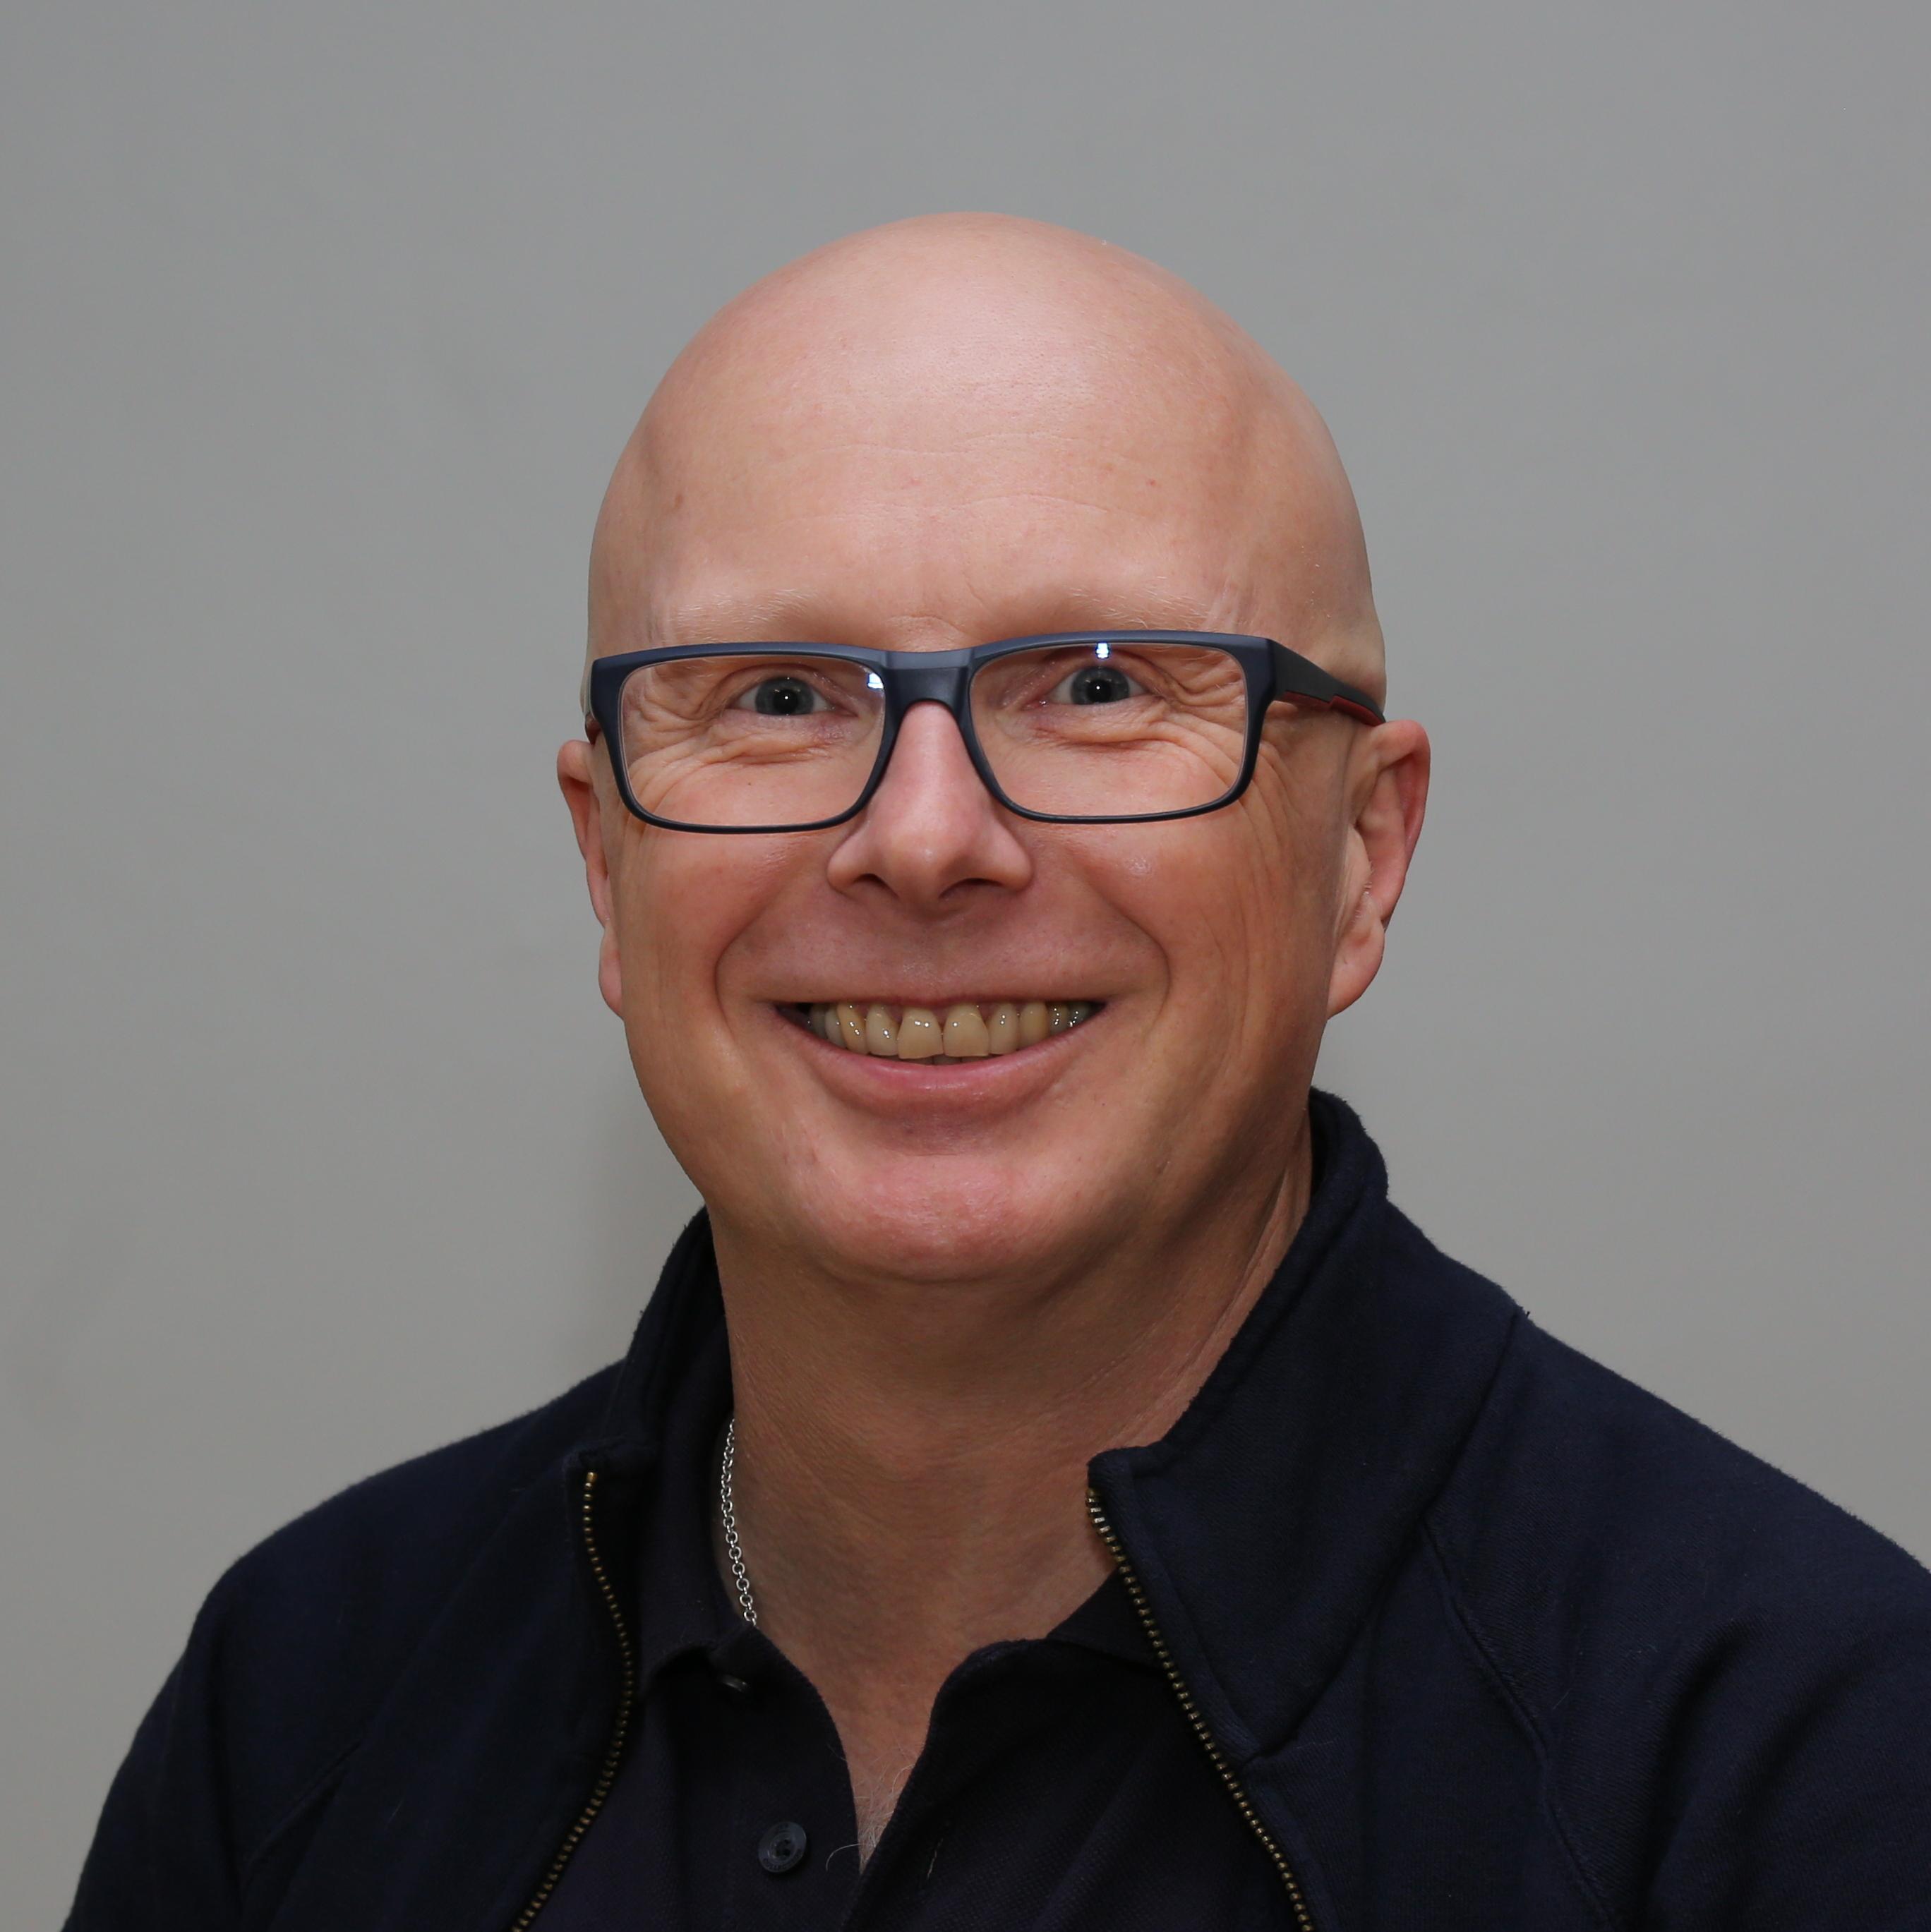 Portrait von Jens Pfeiffer